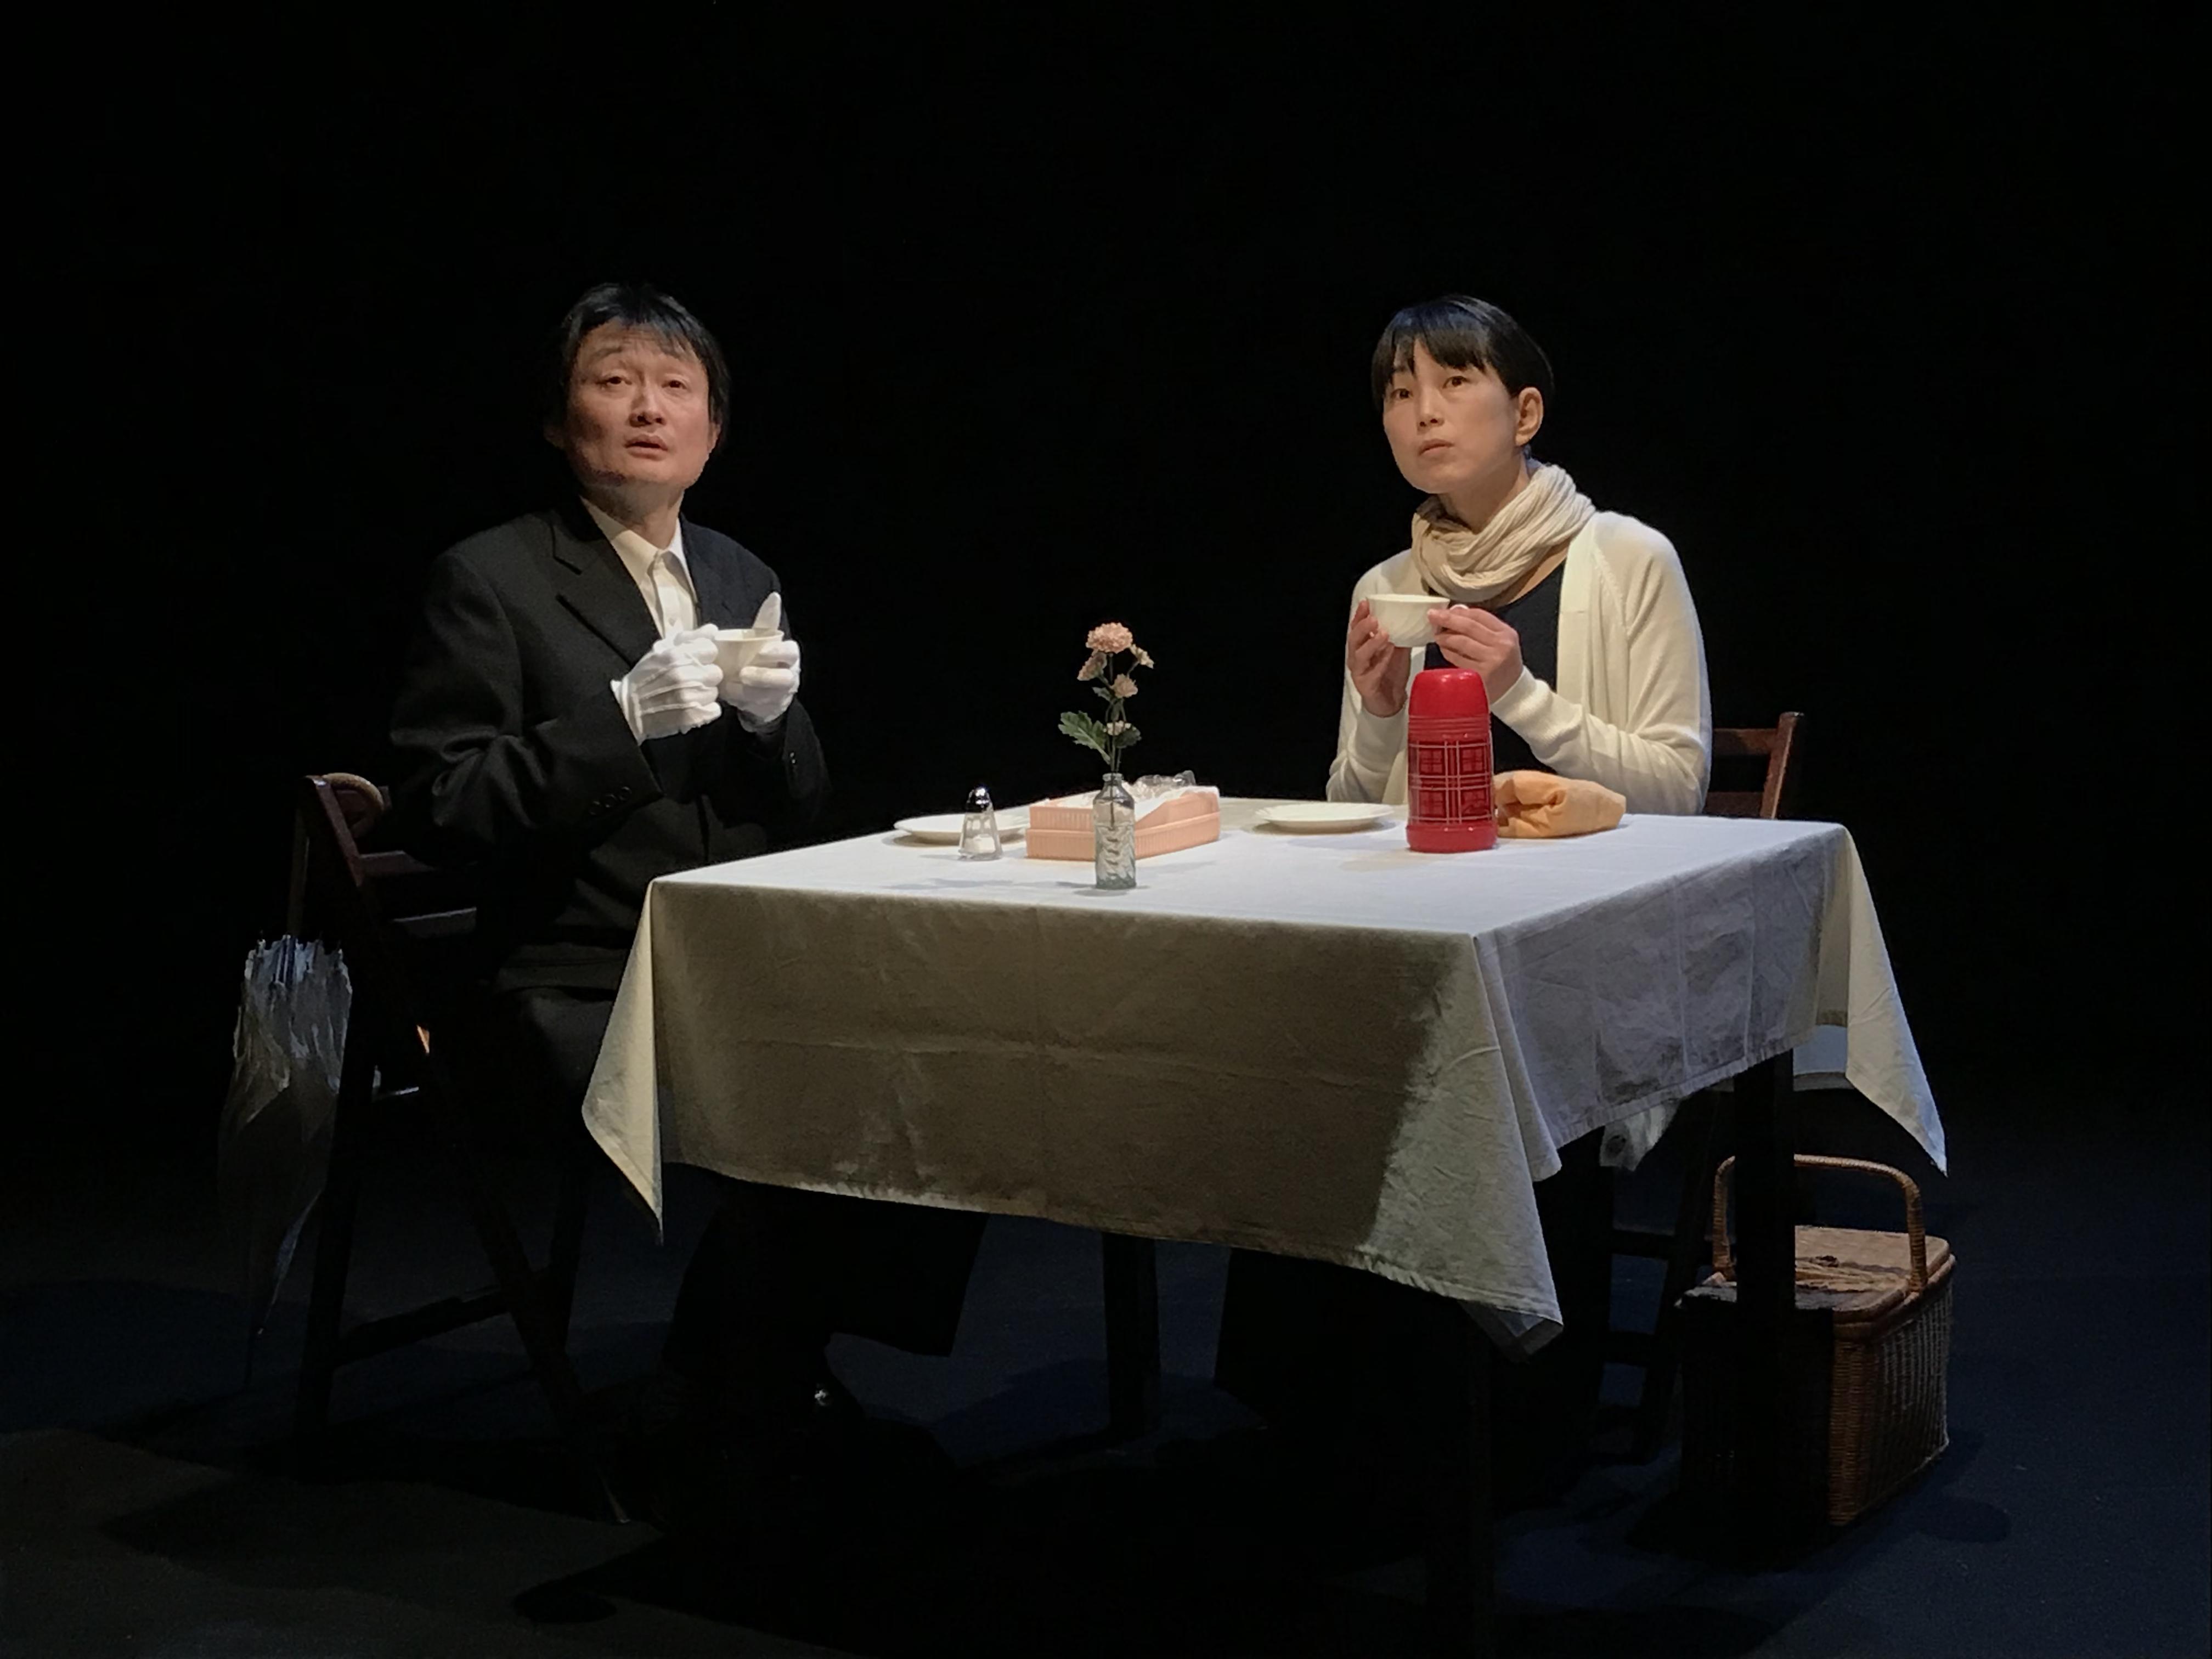 広田ゆうみ+二口大学  別役実・作『クランボンは笑った』(2019年4月、人間座スタジオ)